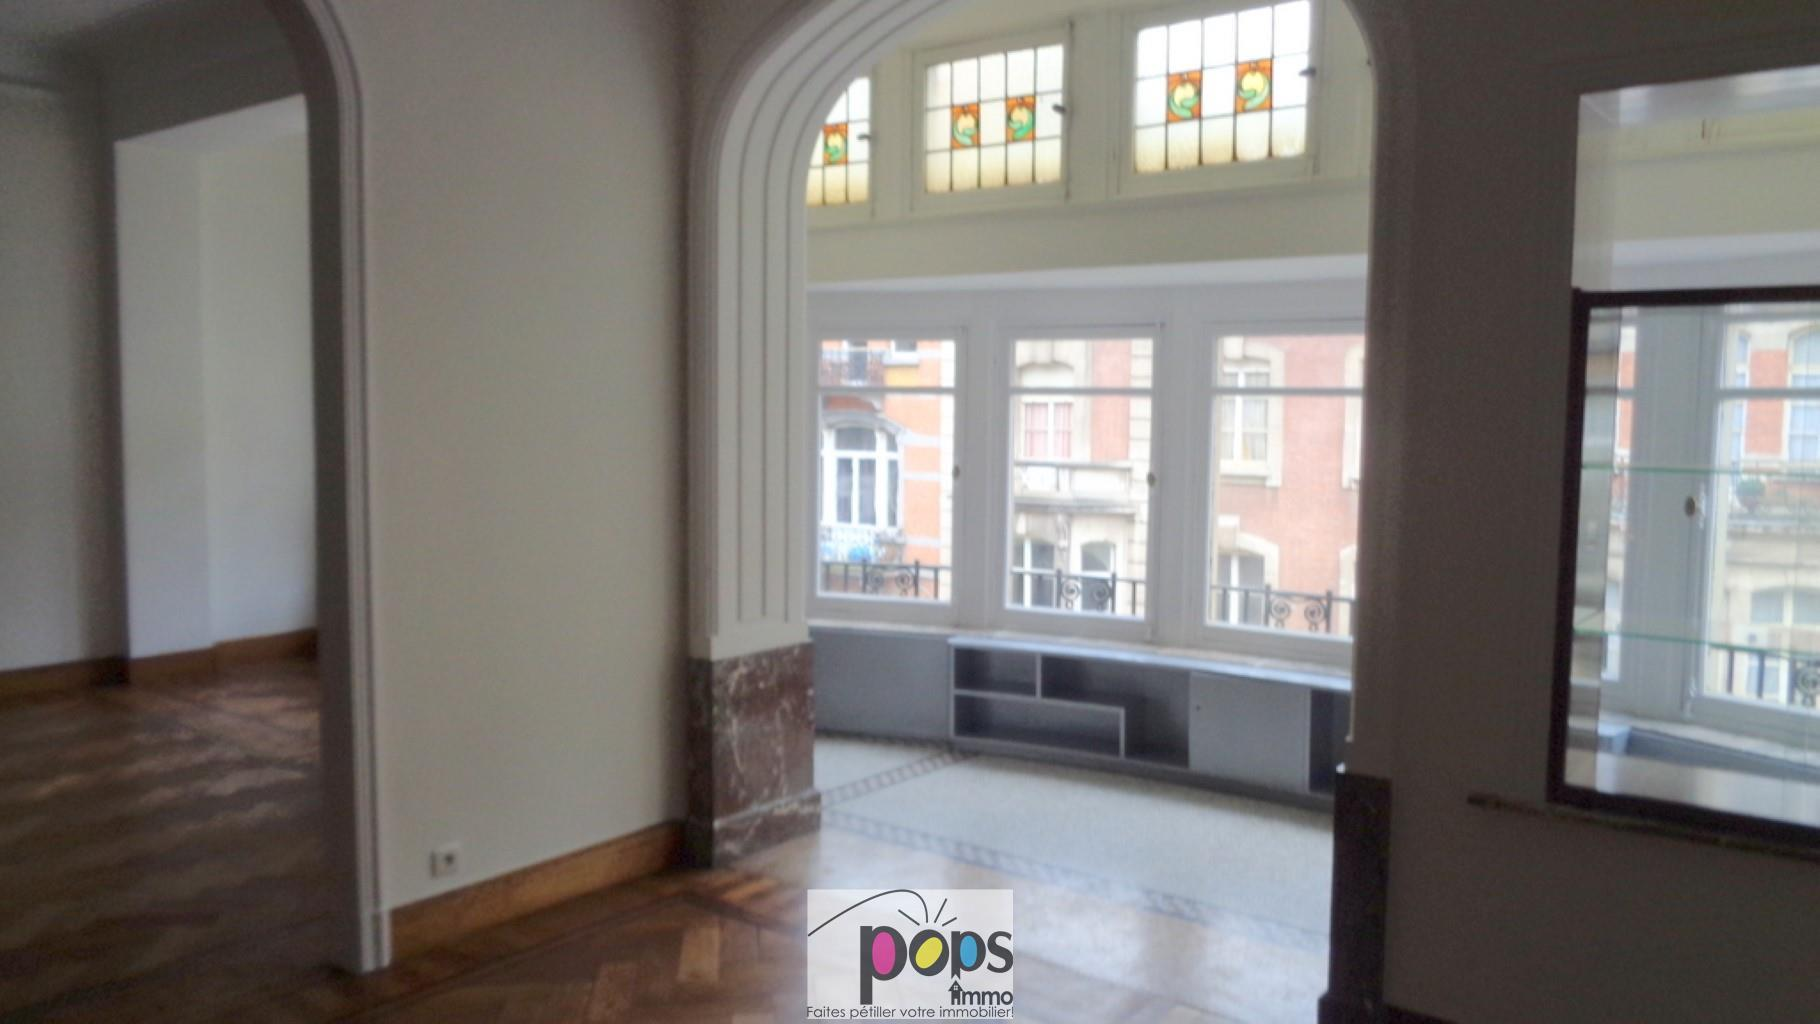 Appartement exceptionnel - Bruxelles - #4307954-9